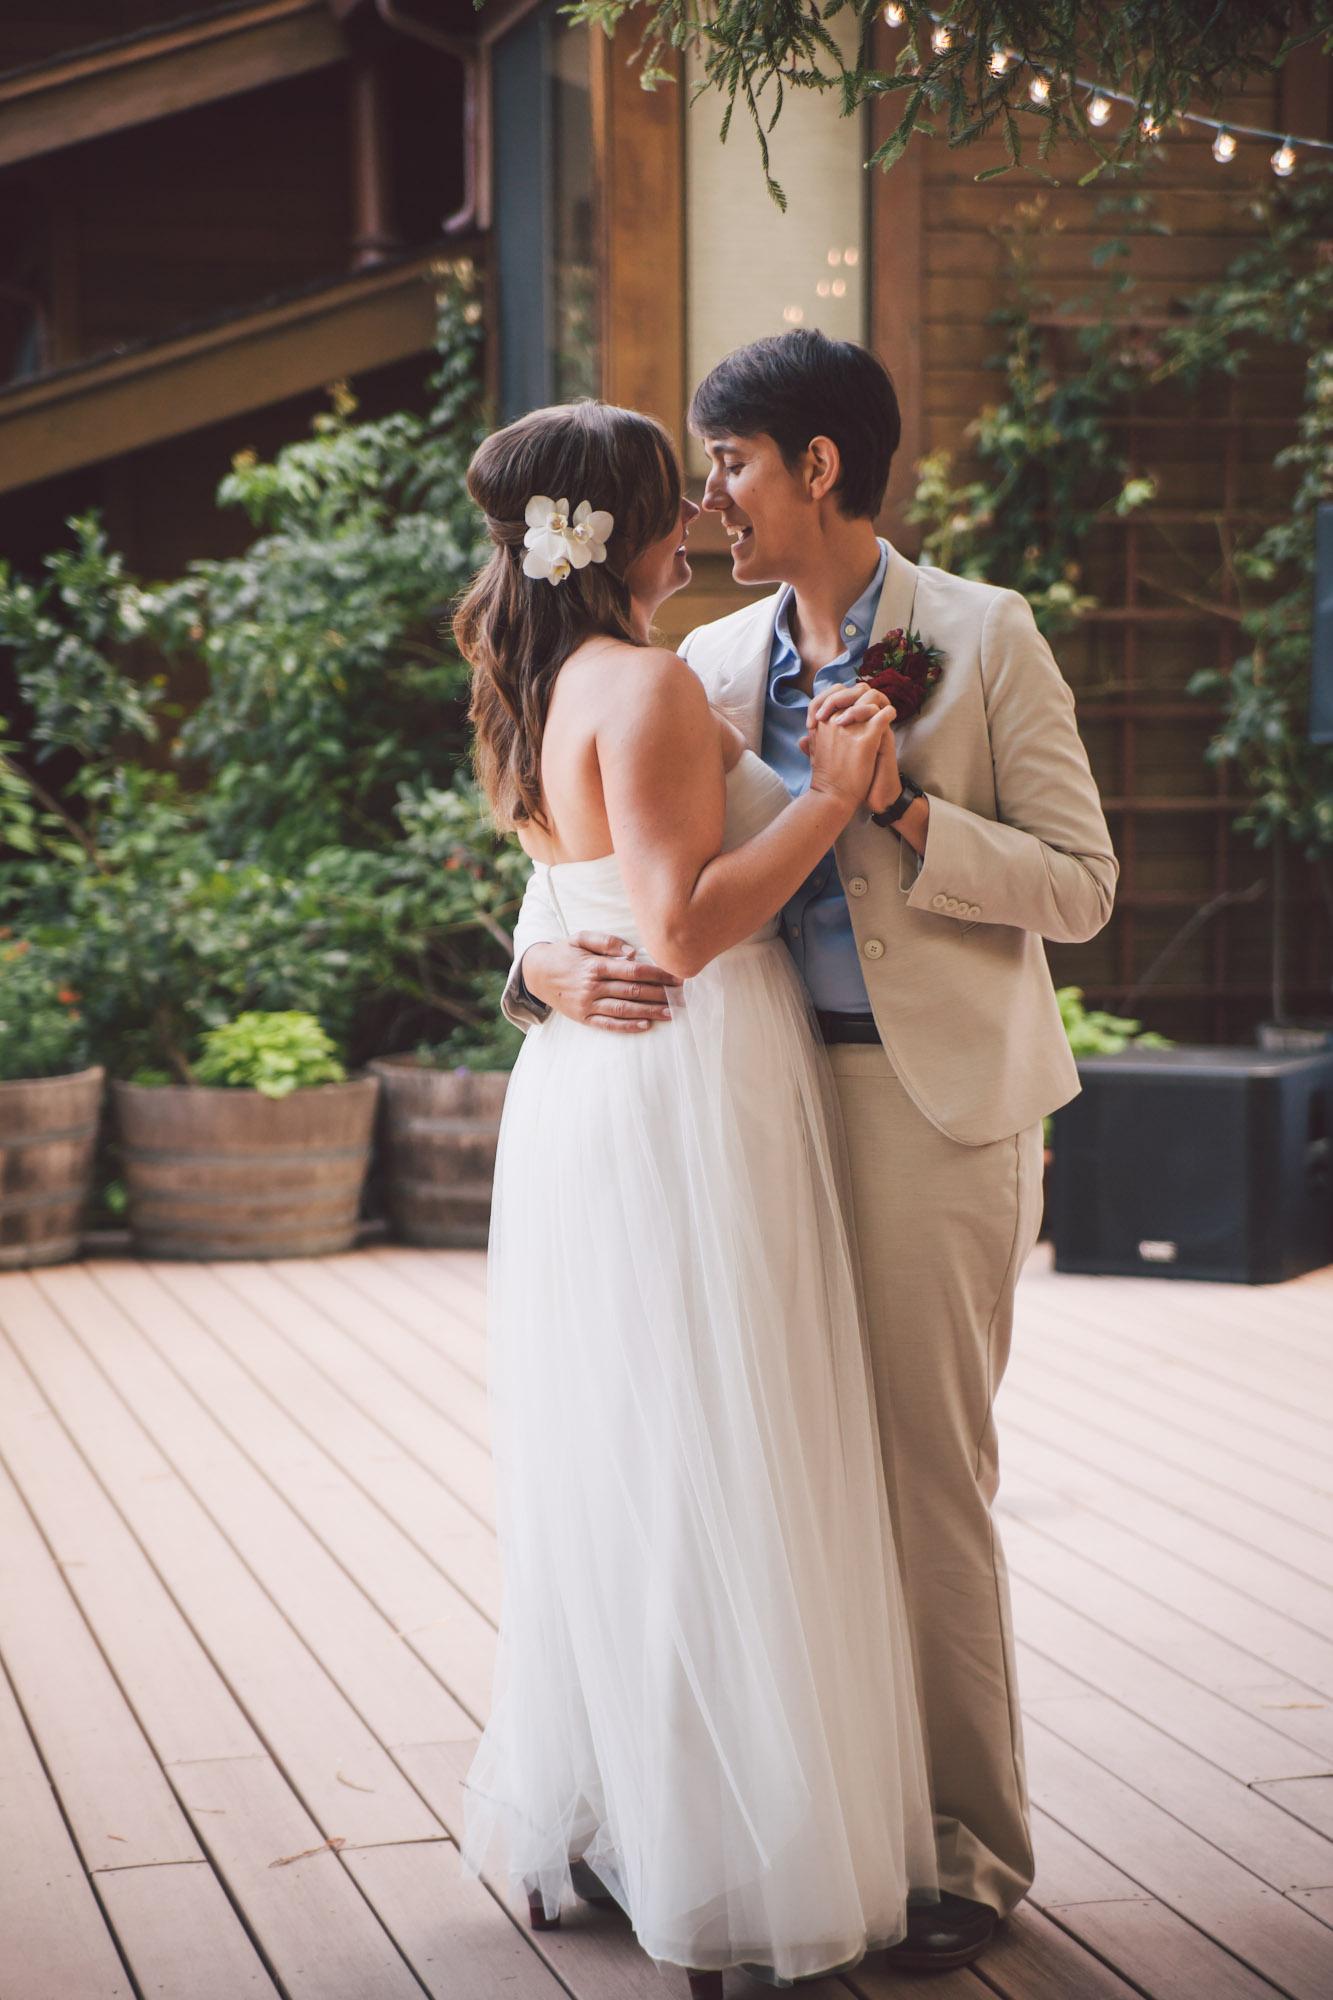 modesto gay wedding photographer